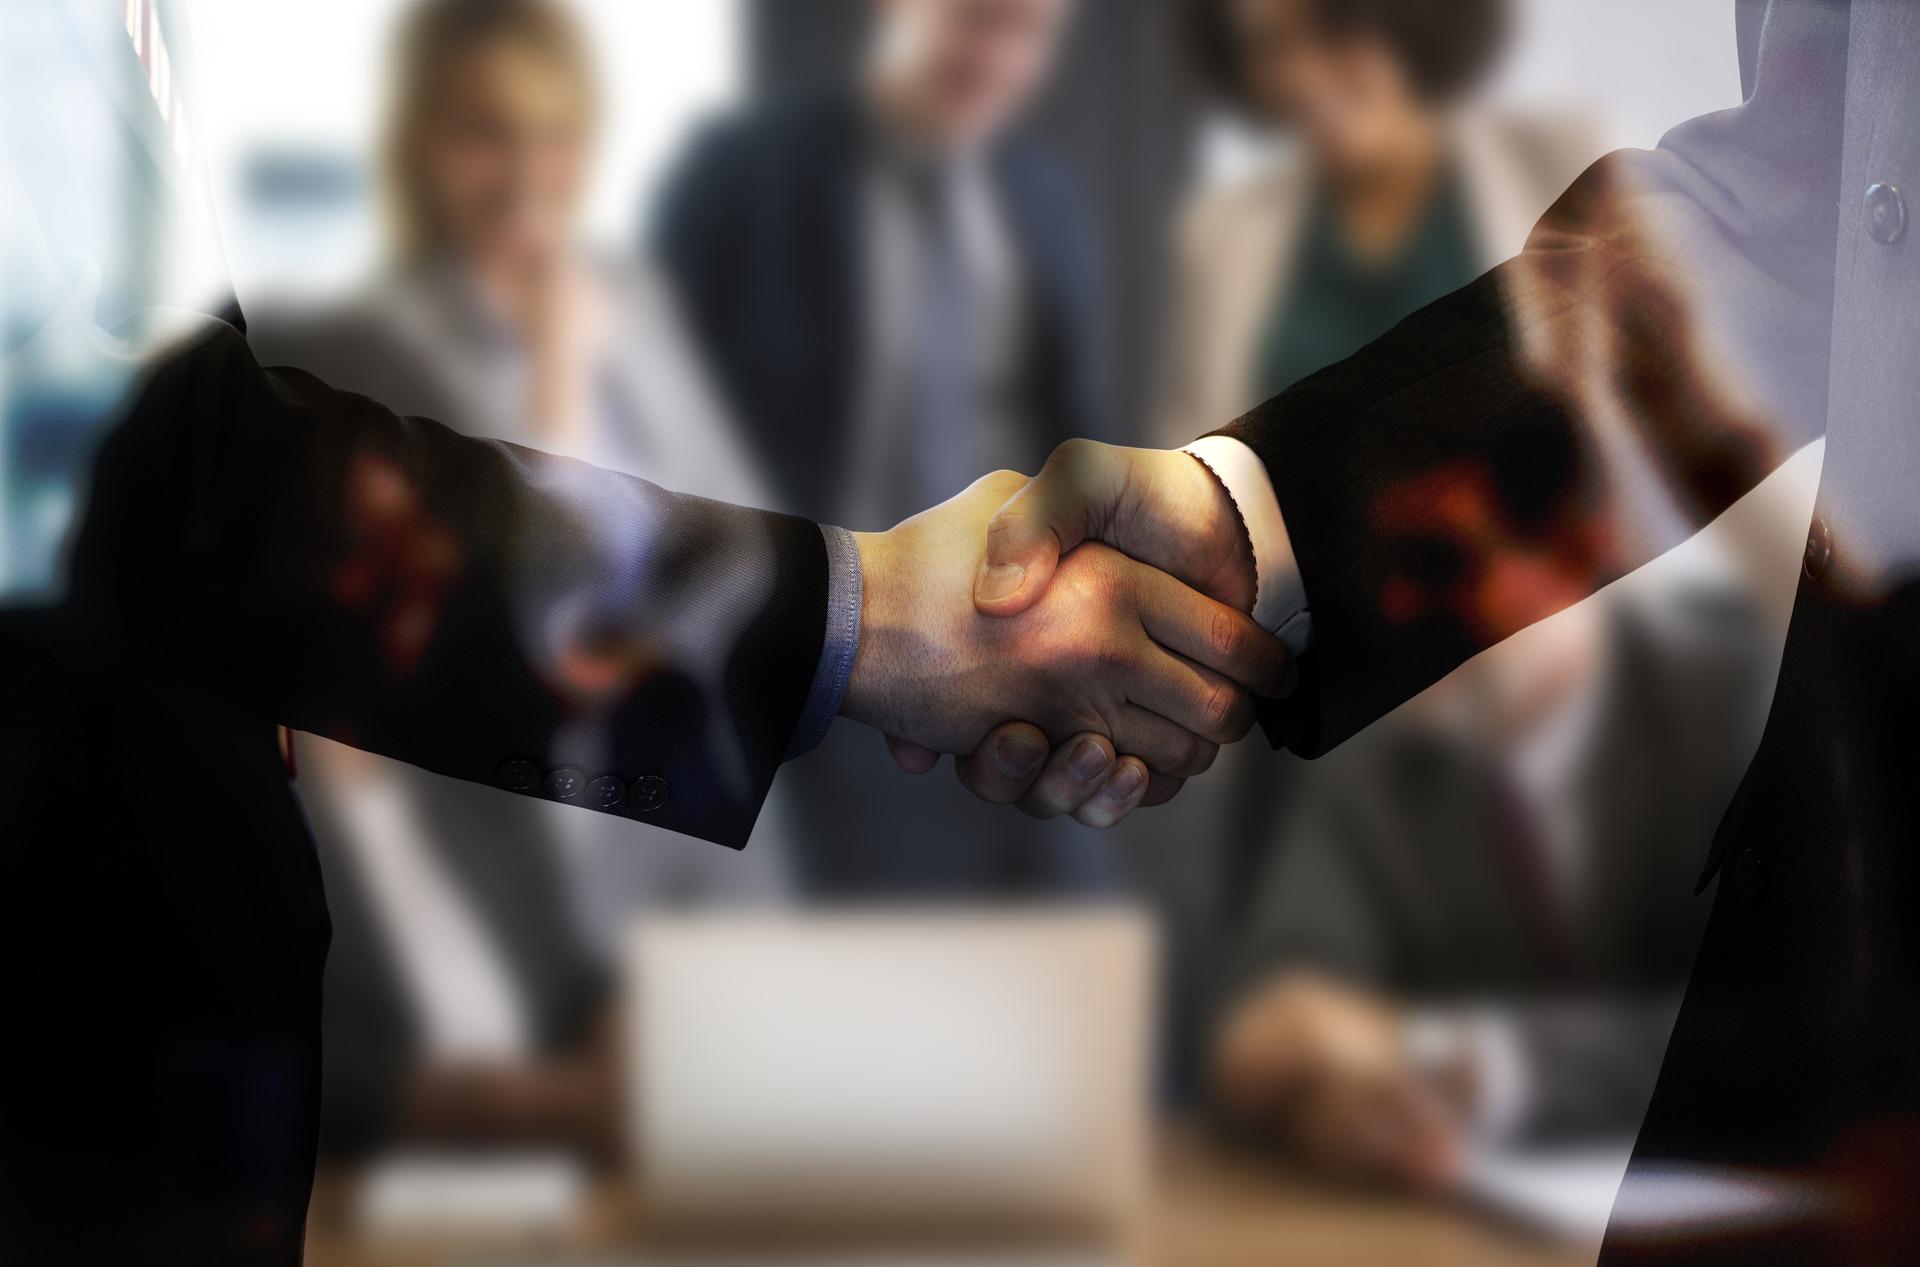 handshake-5768632_1920